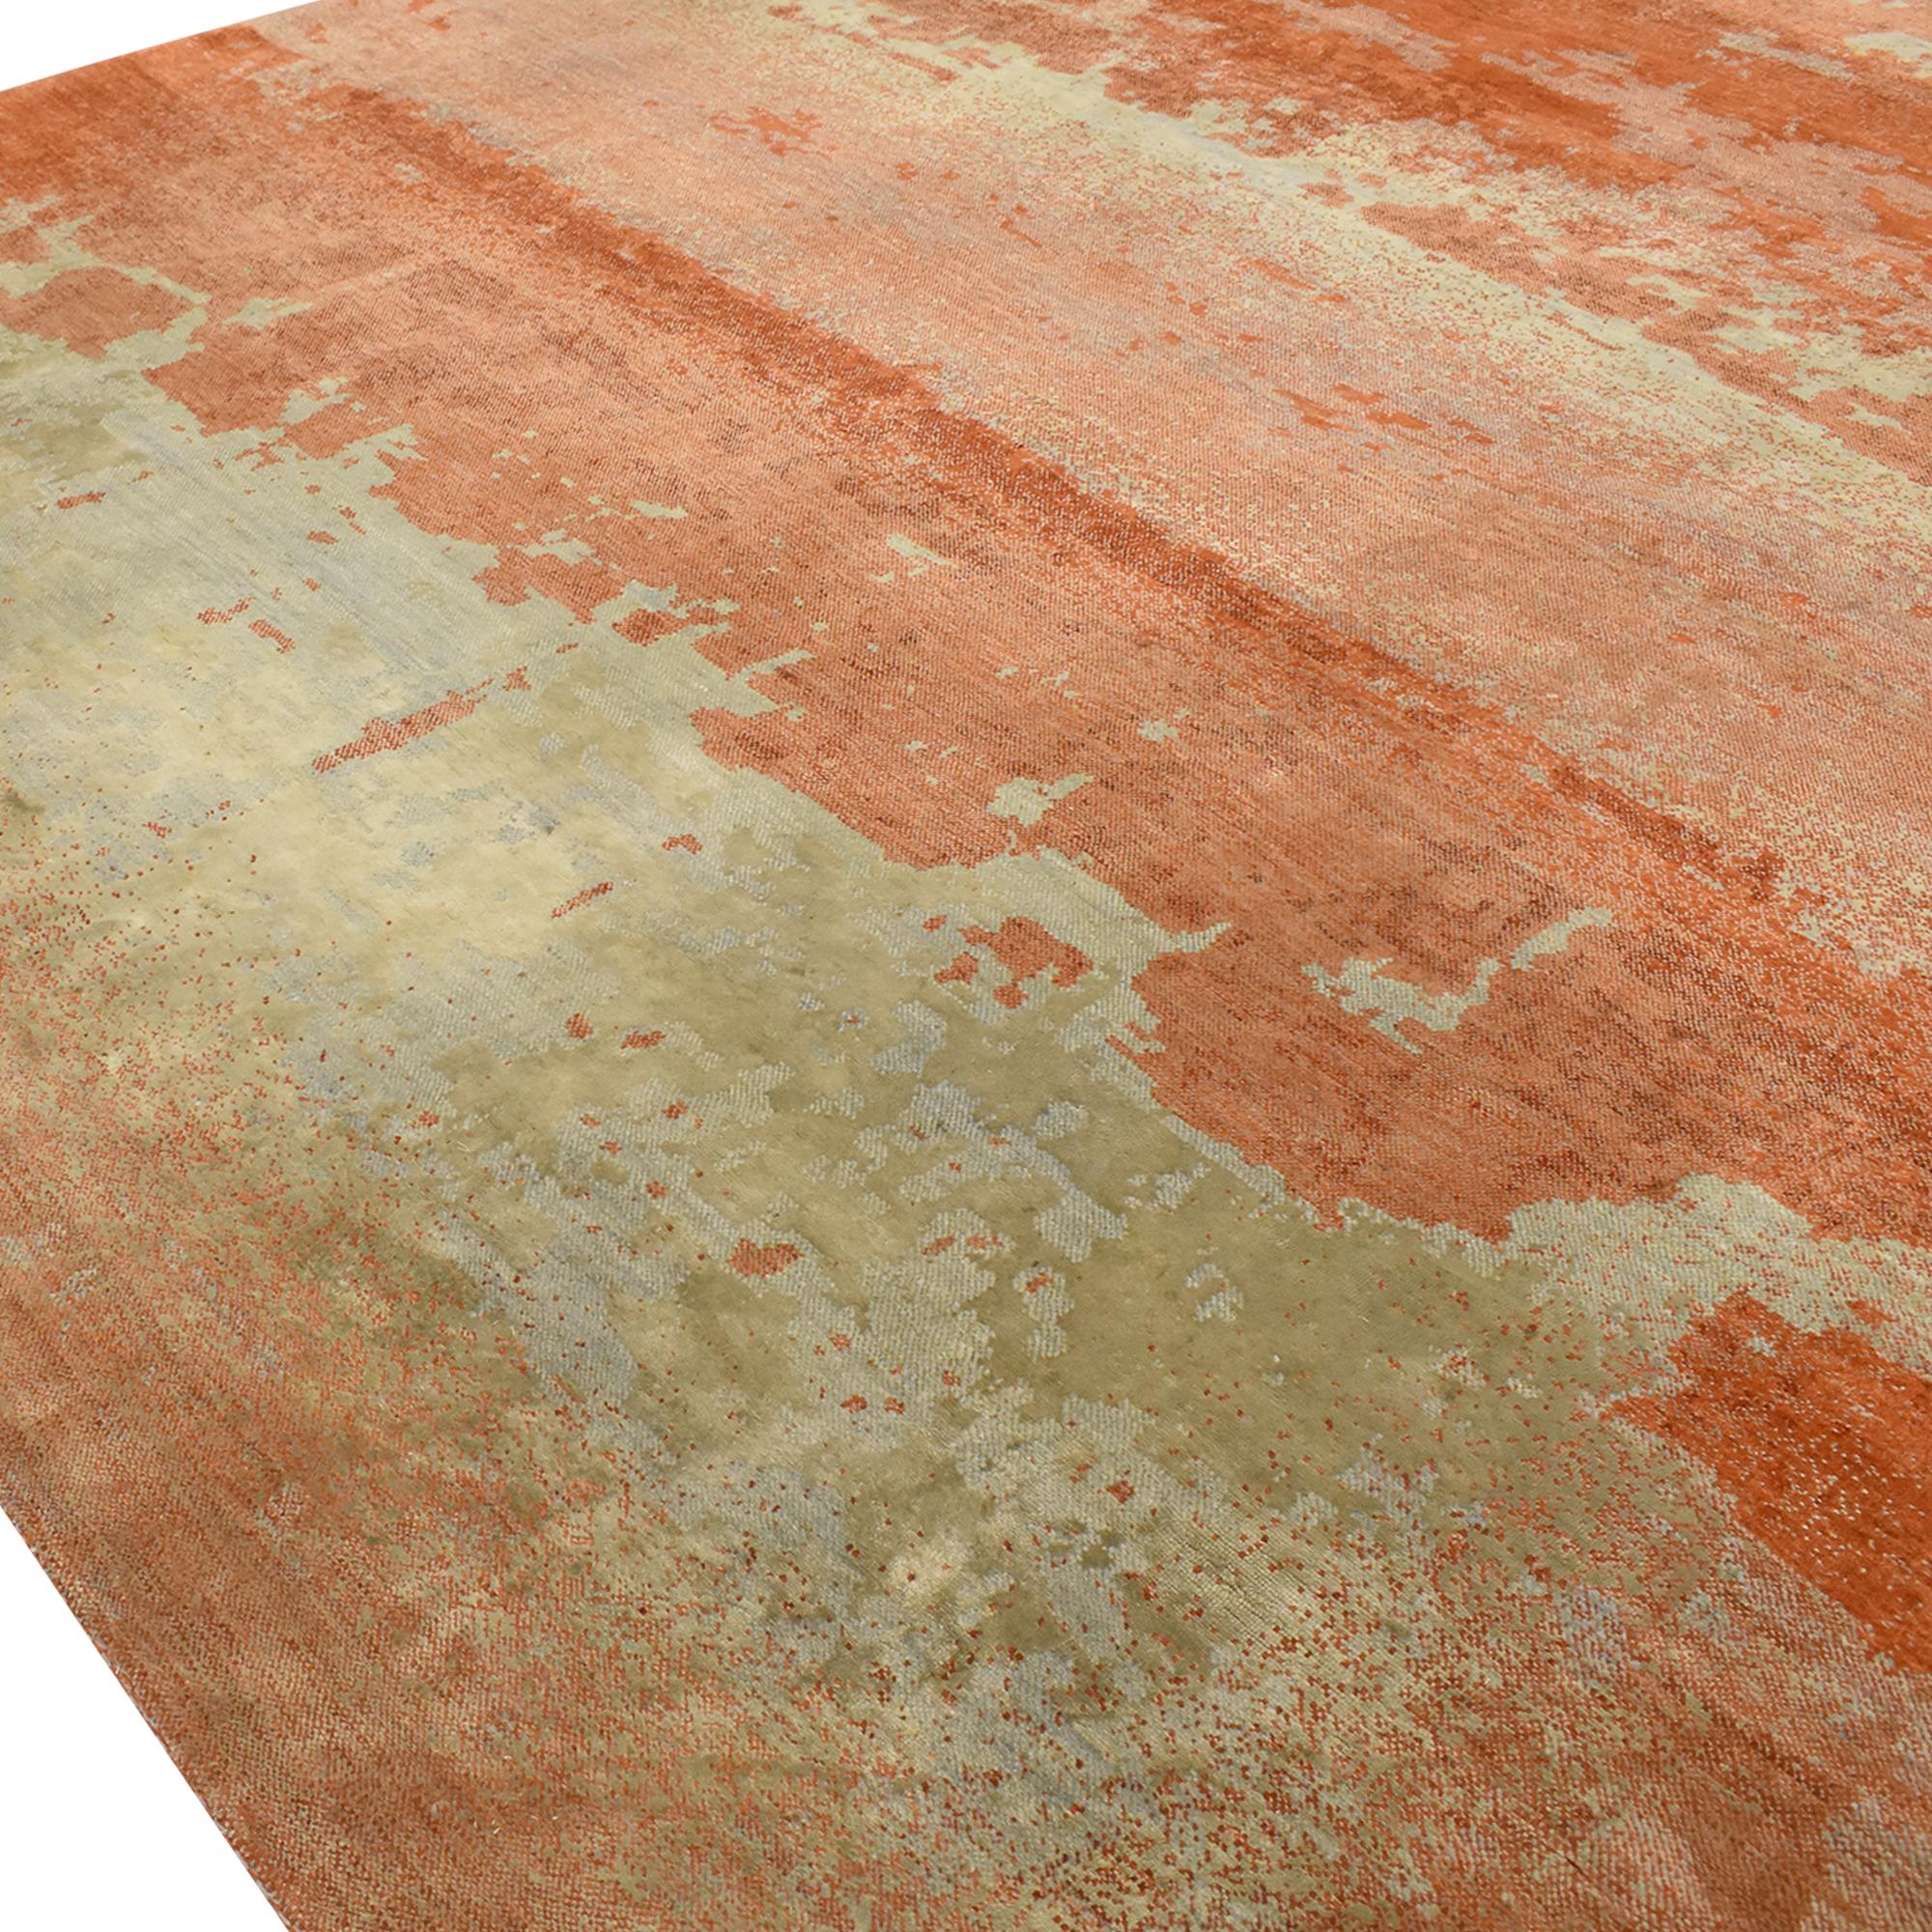 ABC Carpet & Home Lumina Rug ABC Carpet & Home